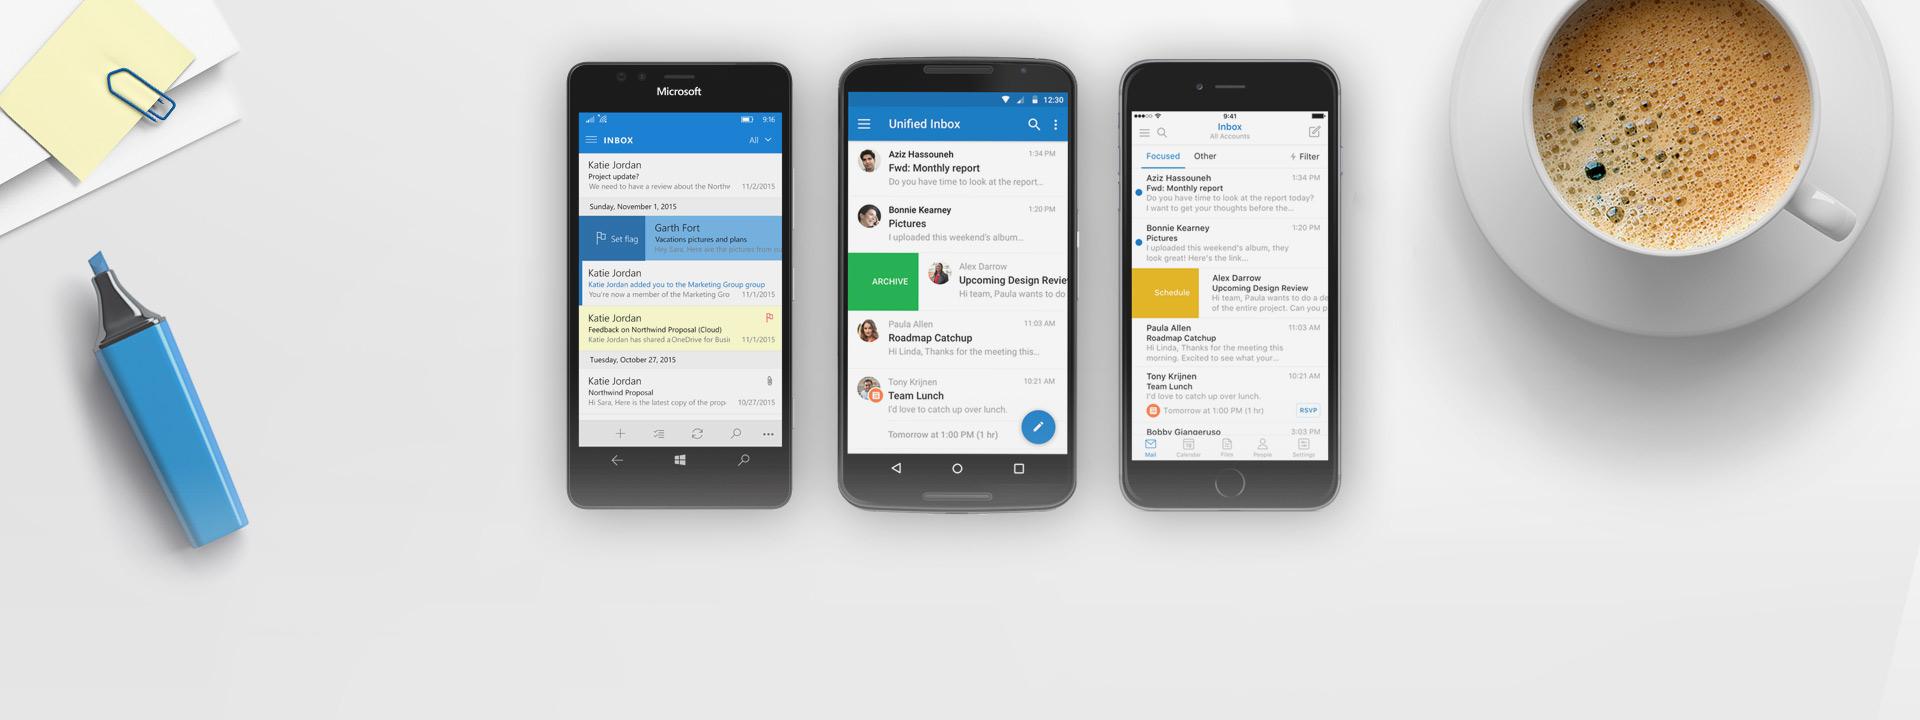 Windows Phone, iPhone un Android tālruņi, kuru ekrānos ir redzama programma Outlook